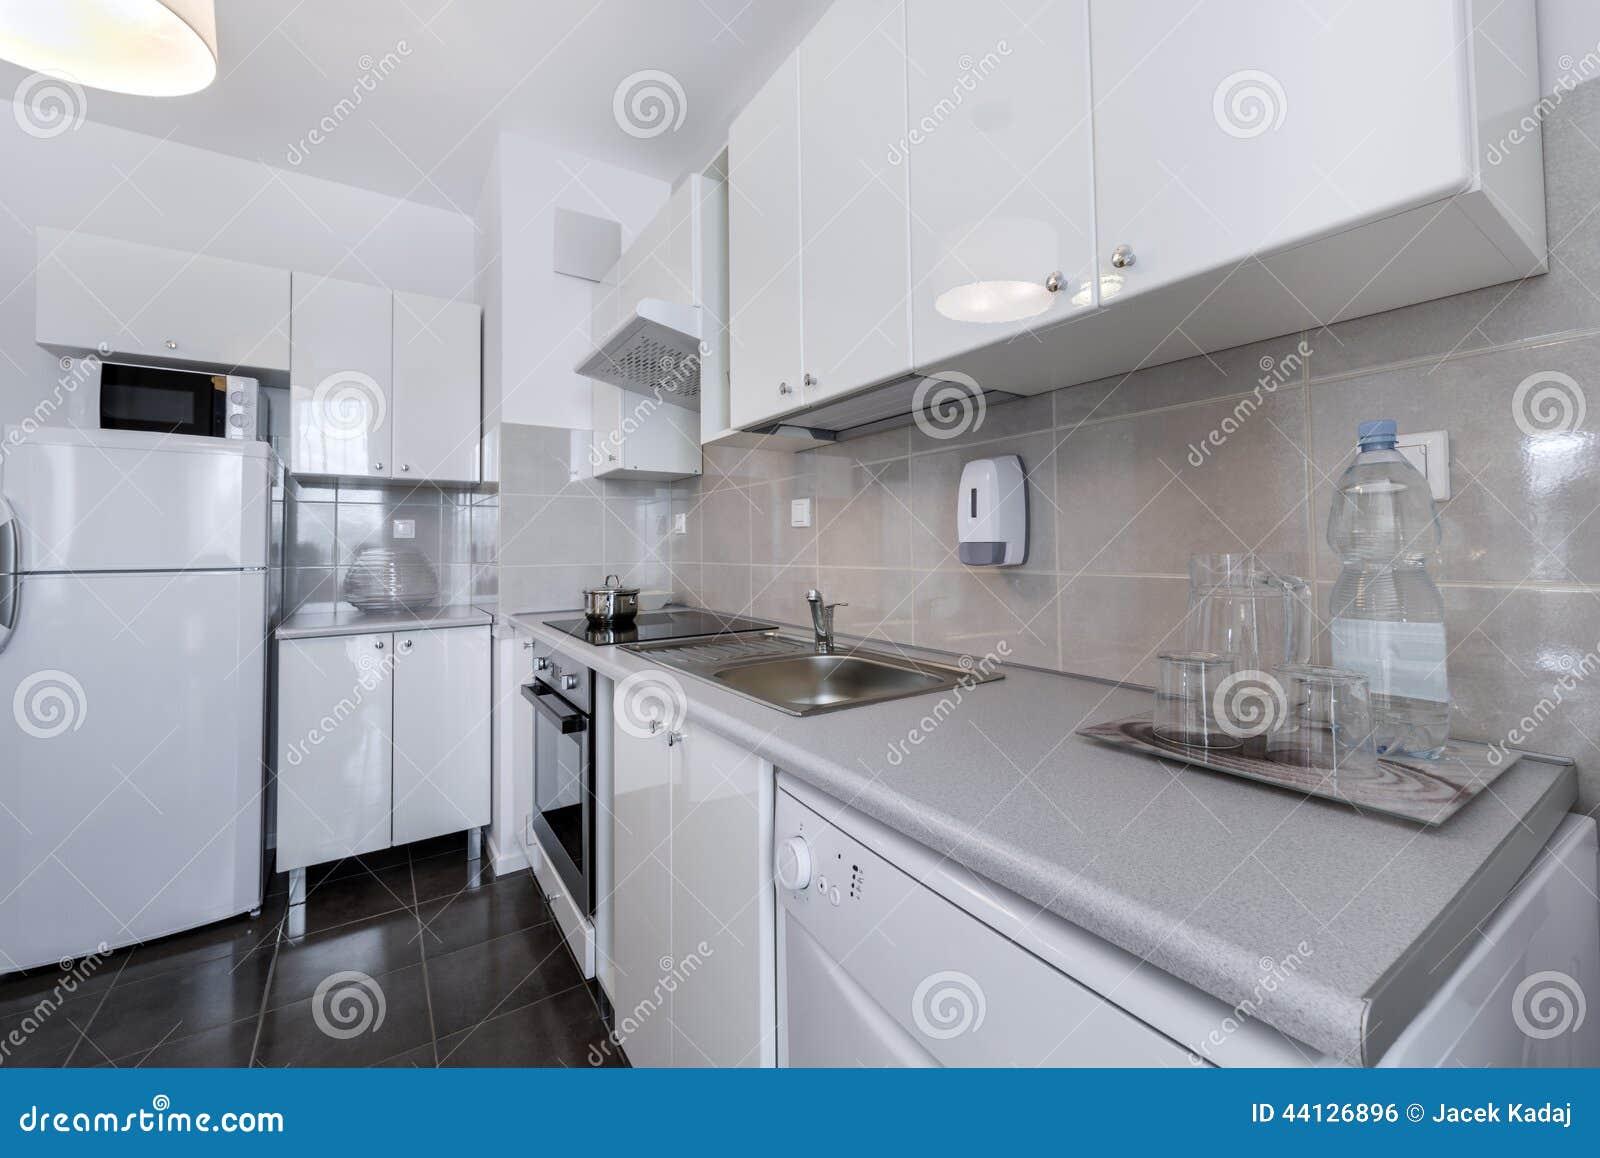 Weiß, Moderne Innenarchitektur: Kleine Küche Stockfoto - Bild ...